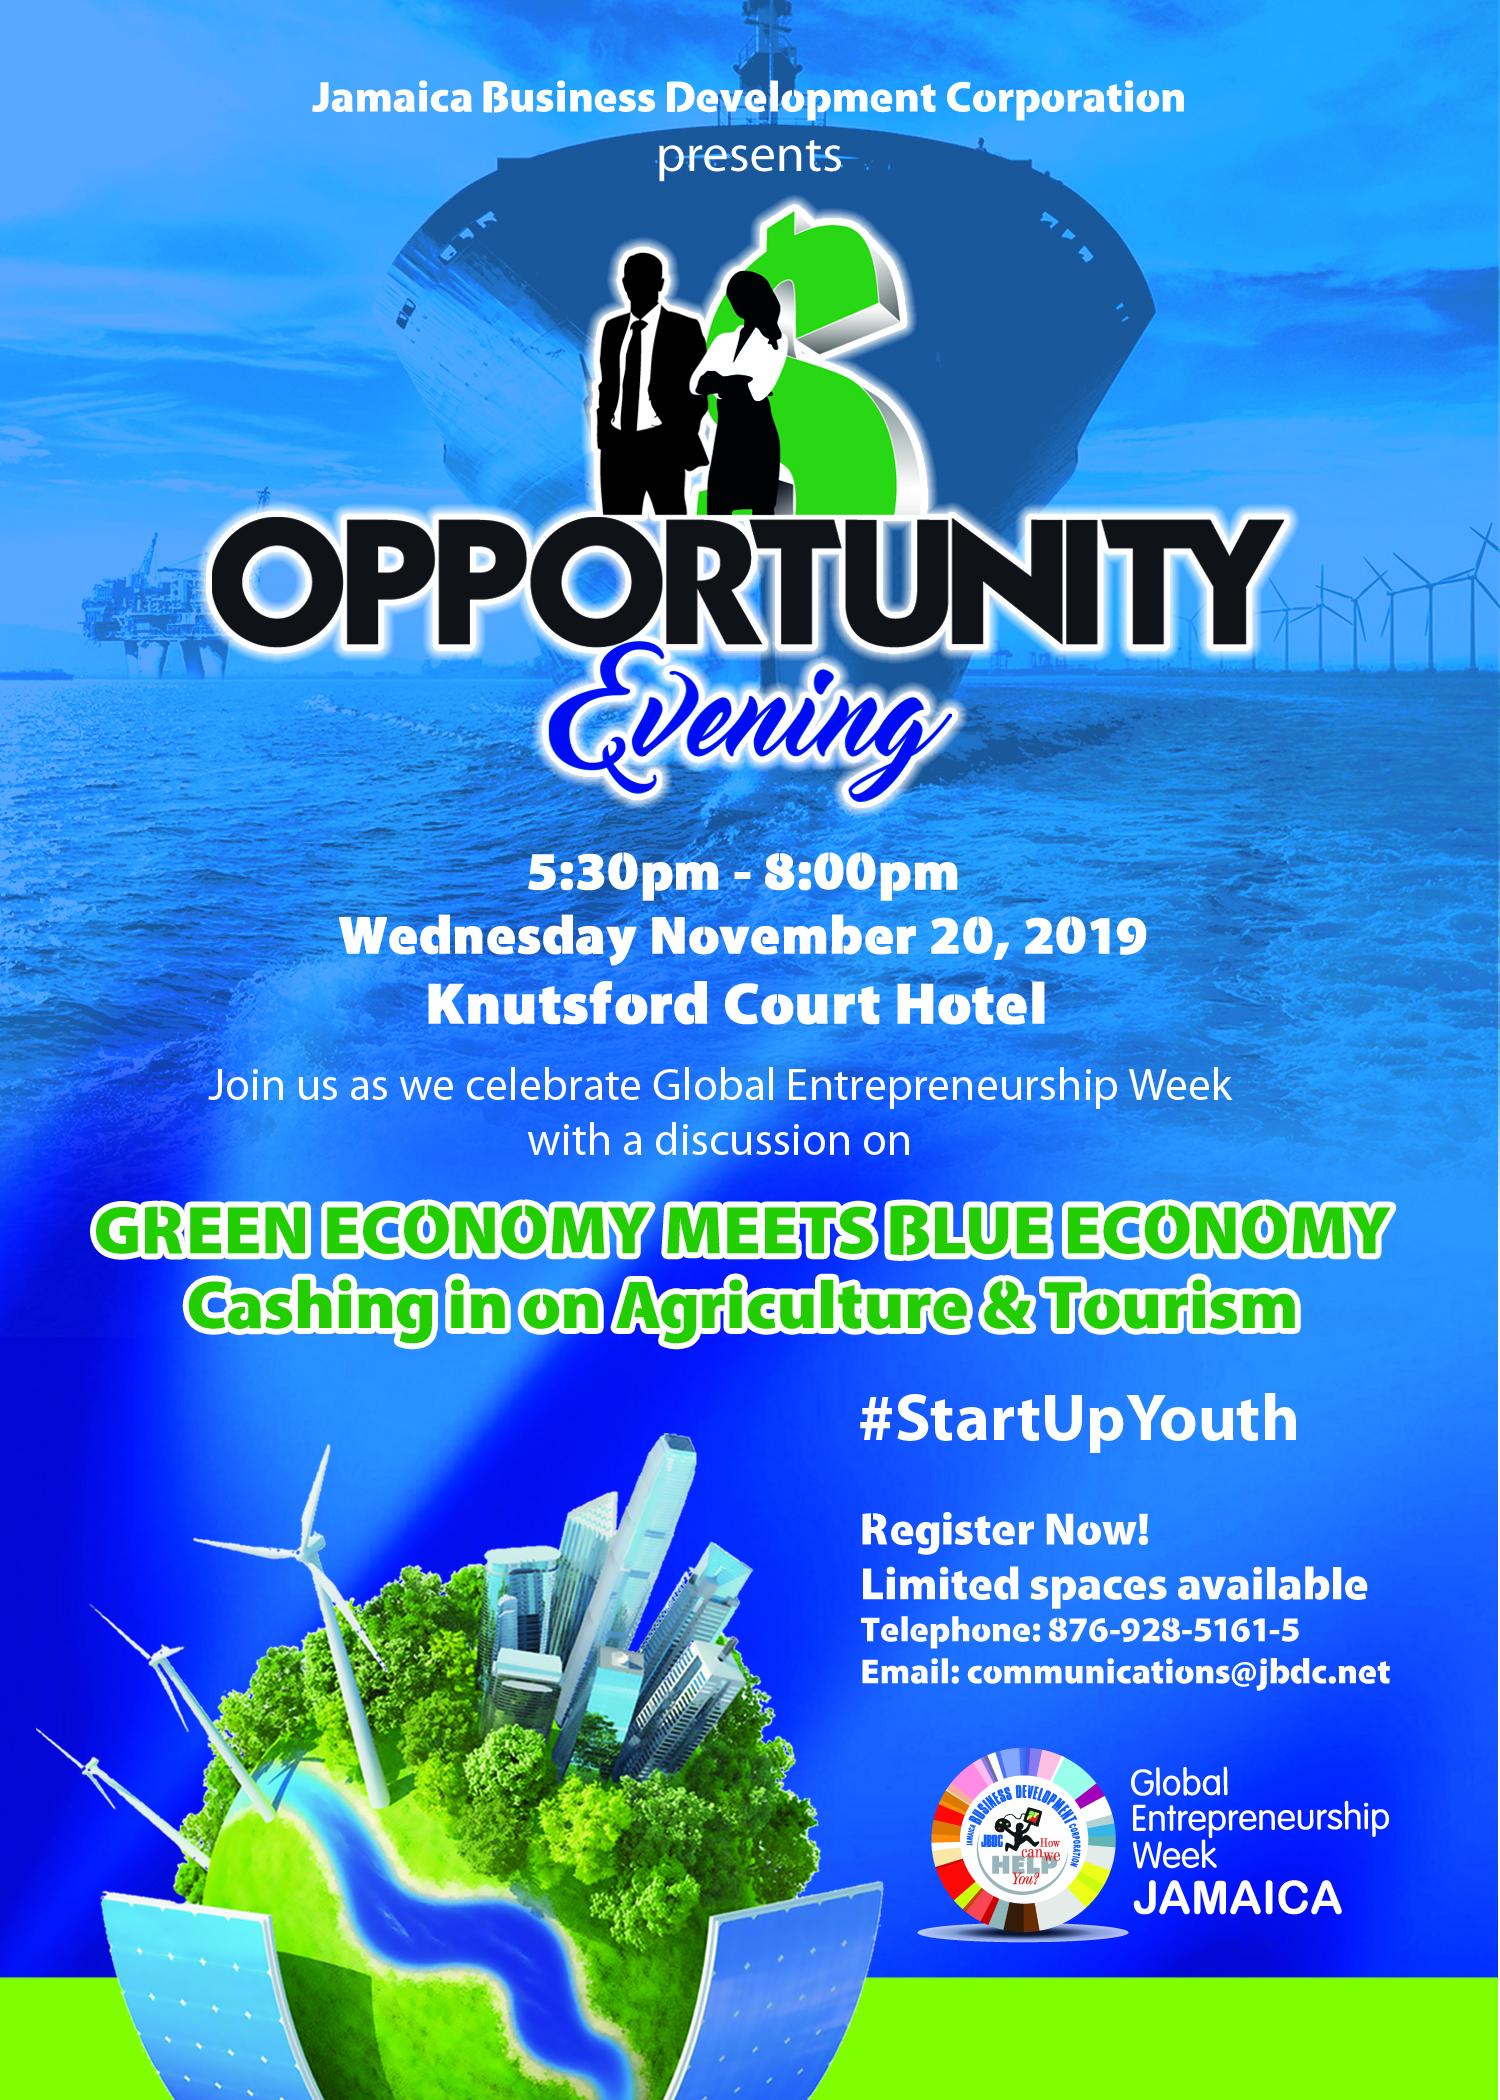 Opportunity Eveniong 2019 Invitation